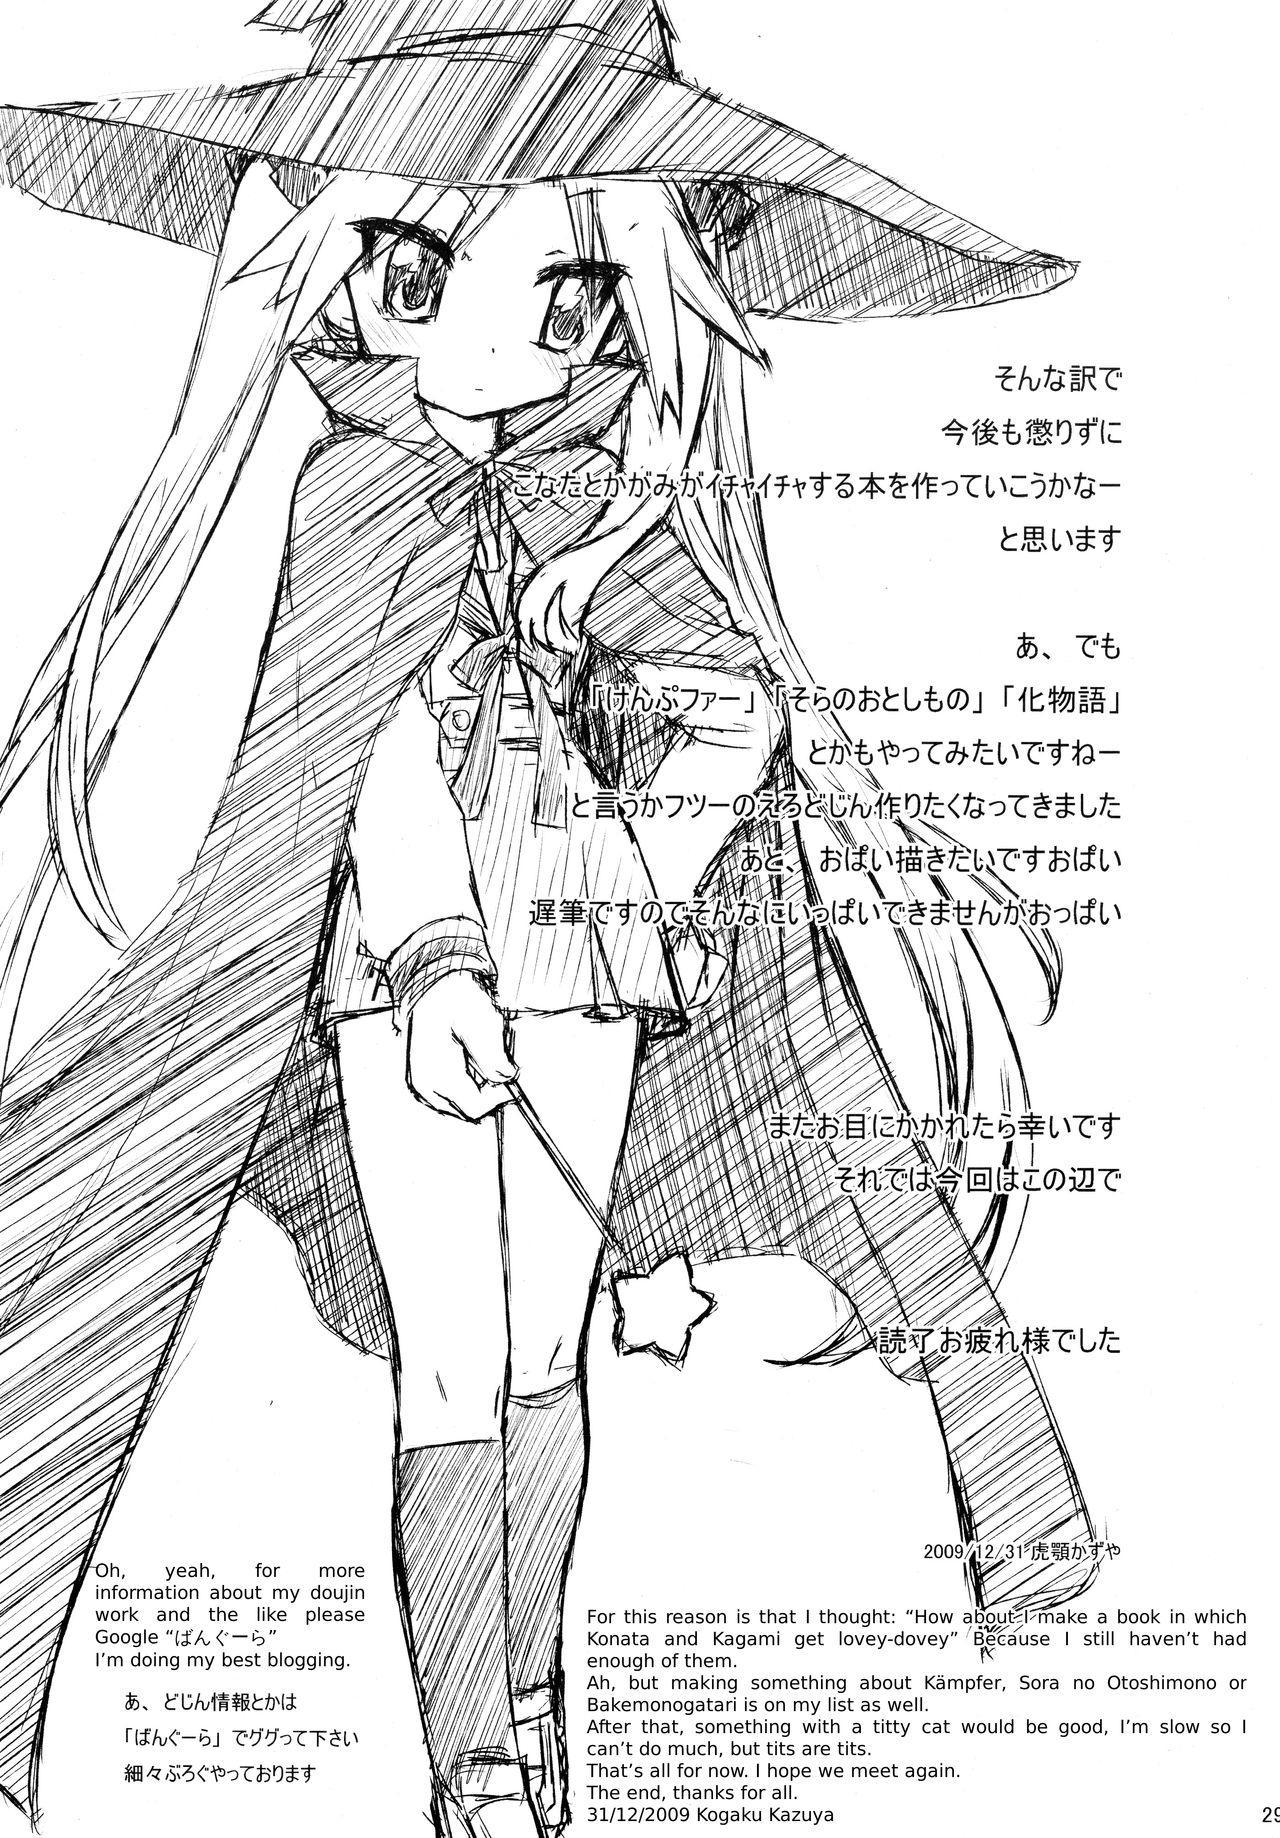 Ijiwaru Kagami. Ijirare Konata. | Meanie Kagami. Teased Konata. 28